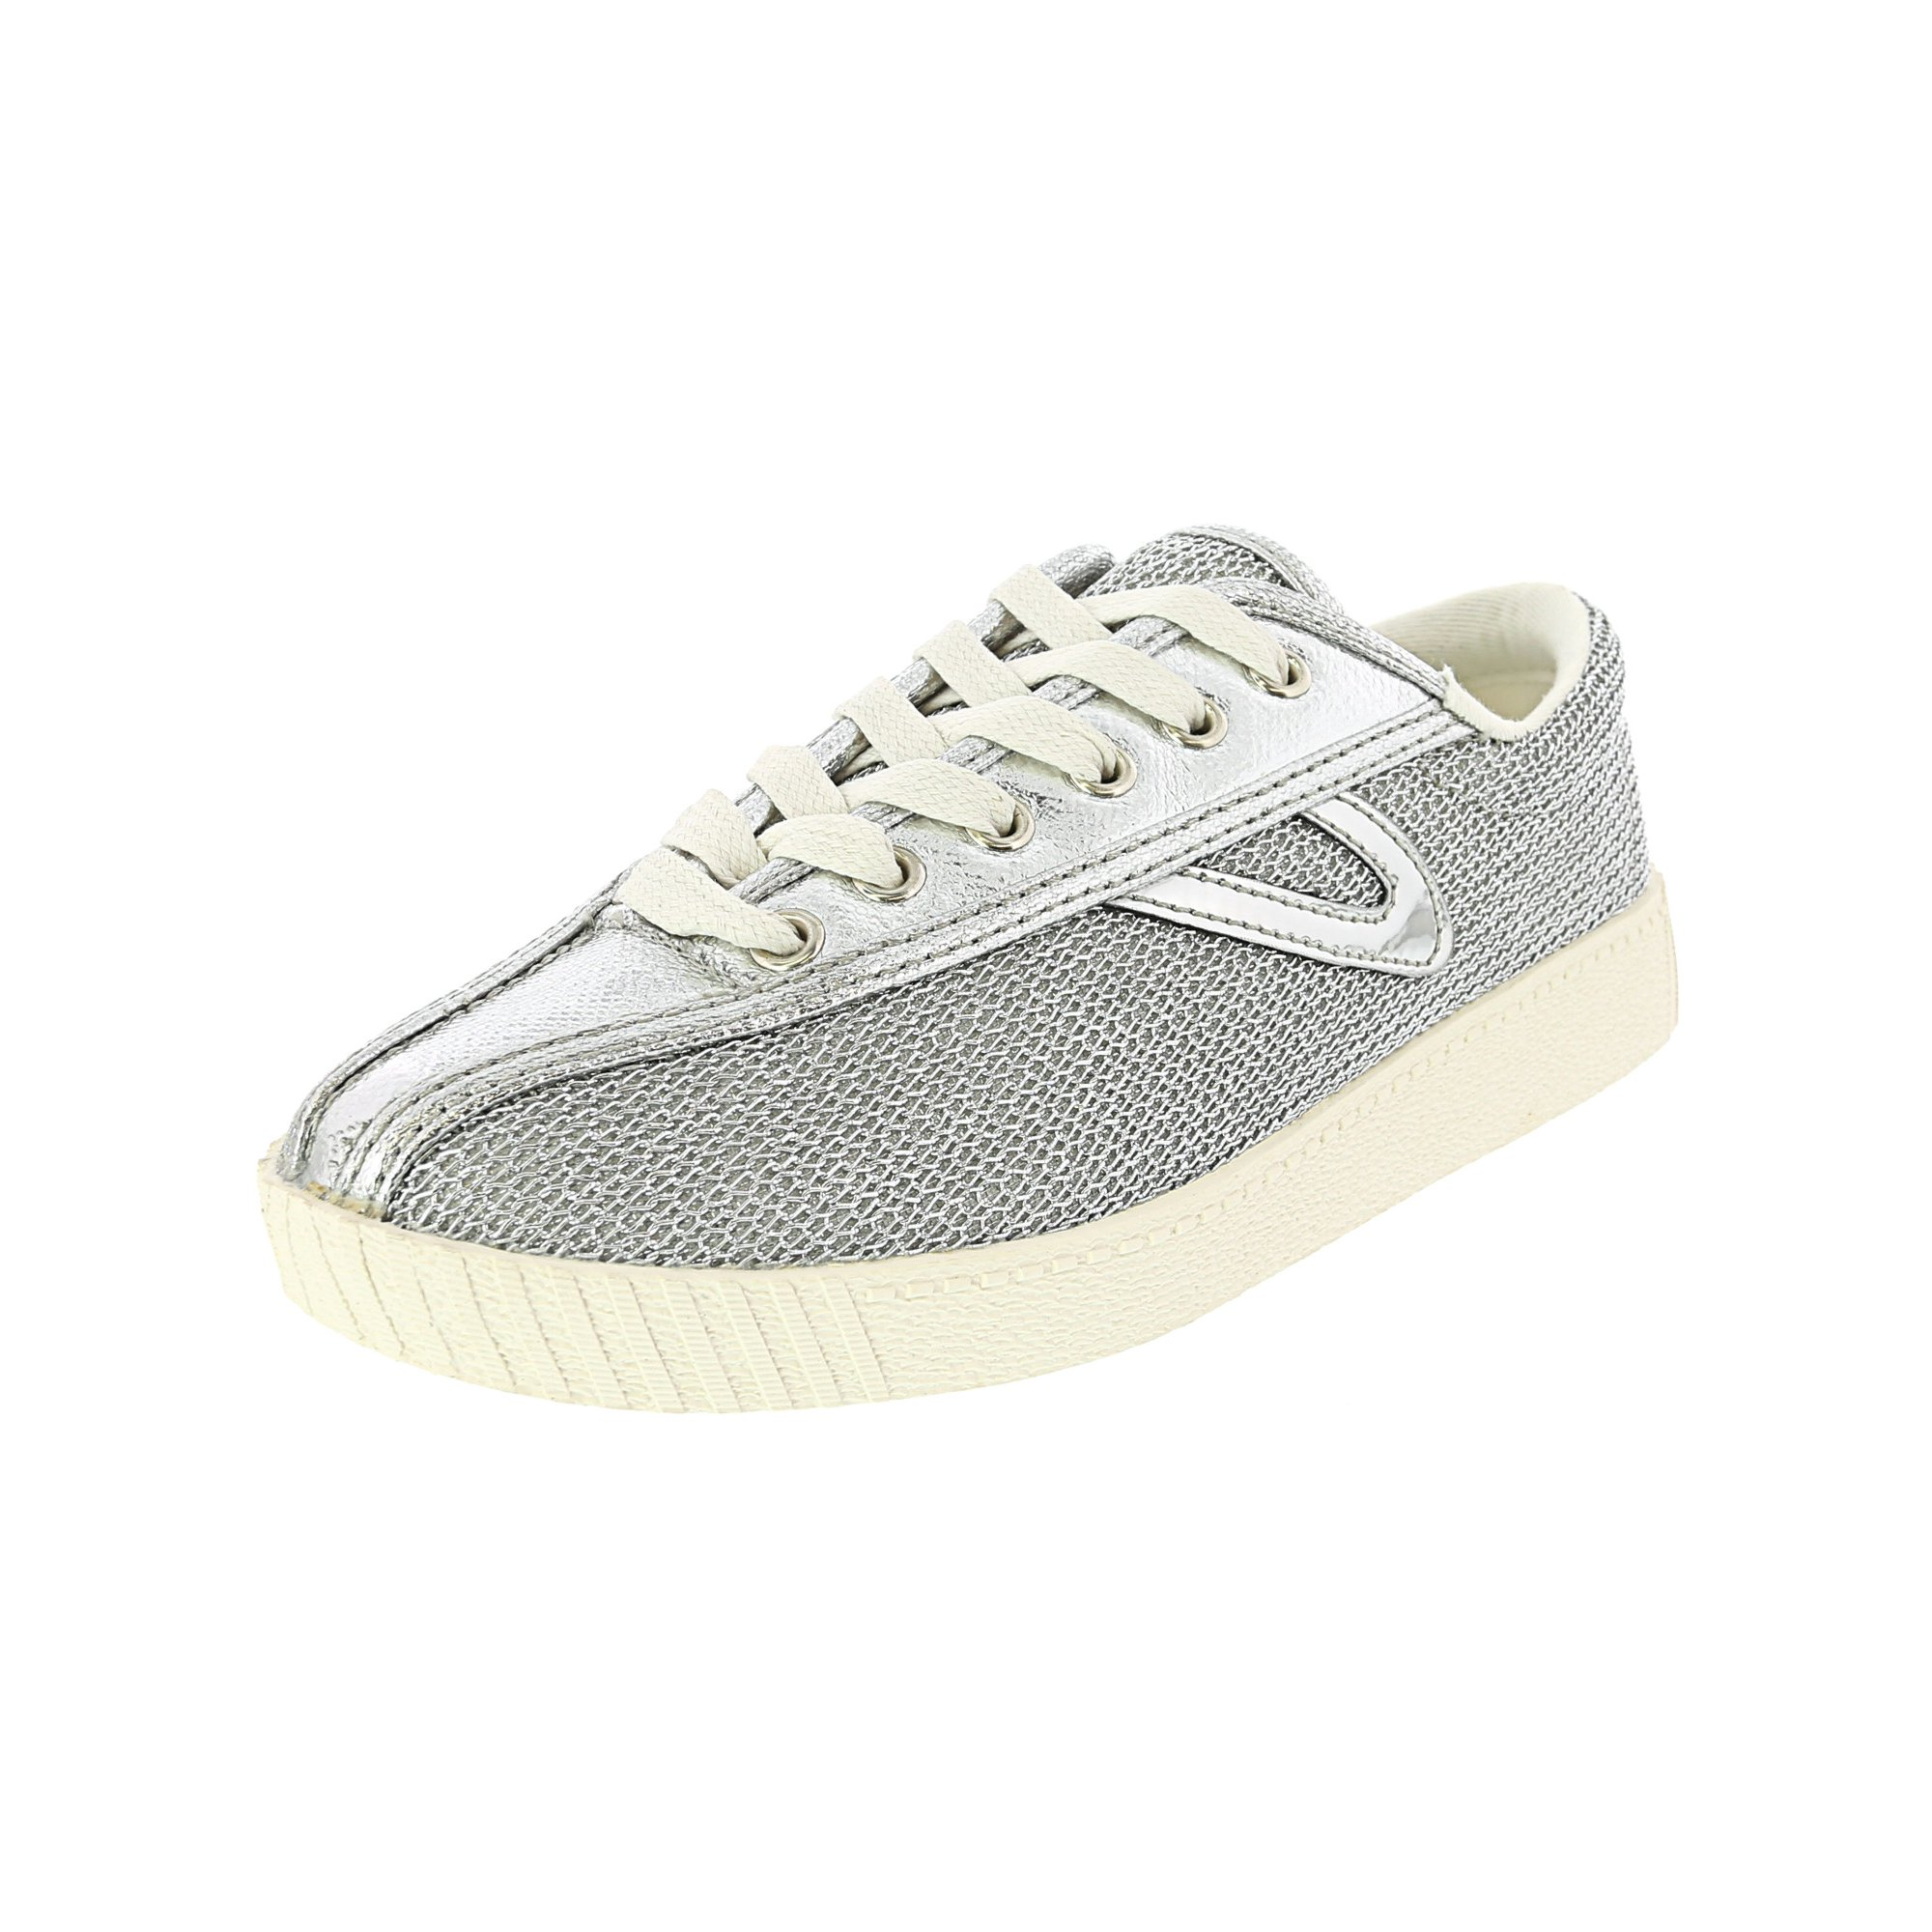 Tretorn Nylite 17 Plus Metallic Mesh Fashion Sneaker 8M Plata 765 Plata 1 Plata 1